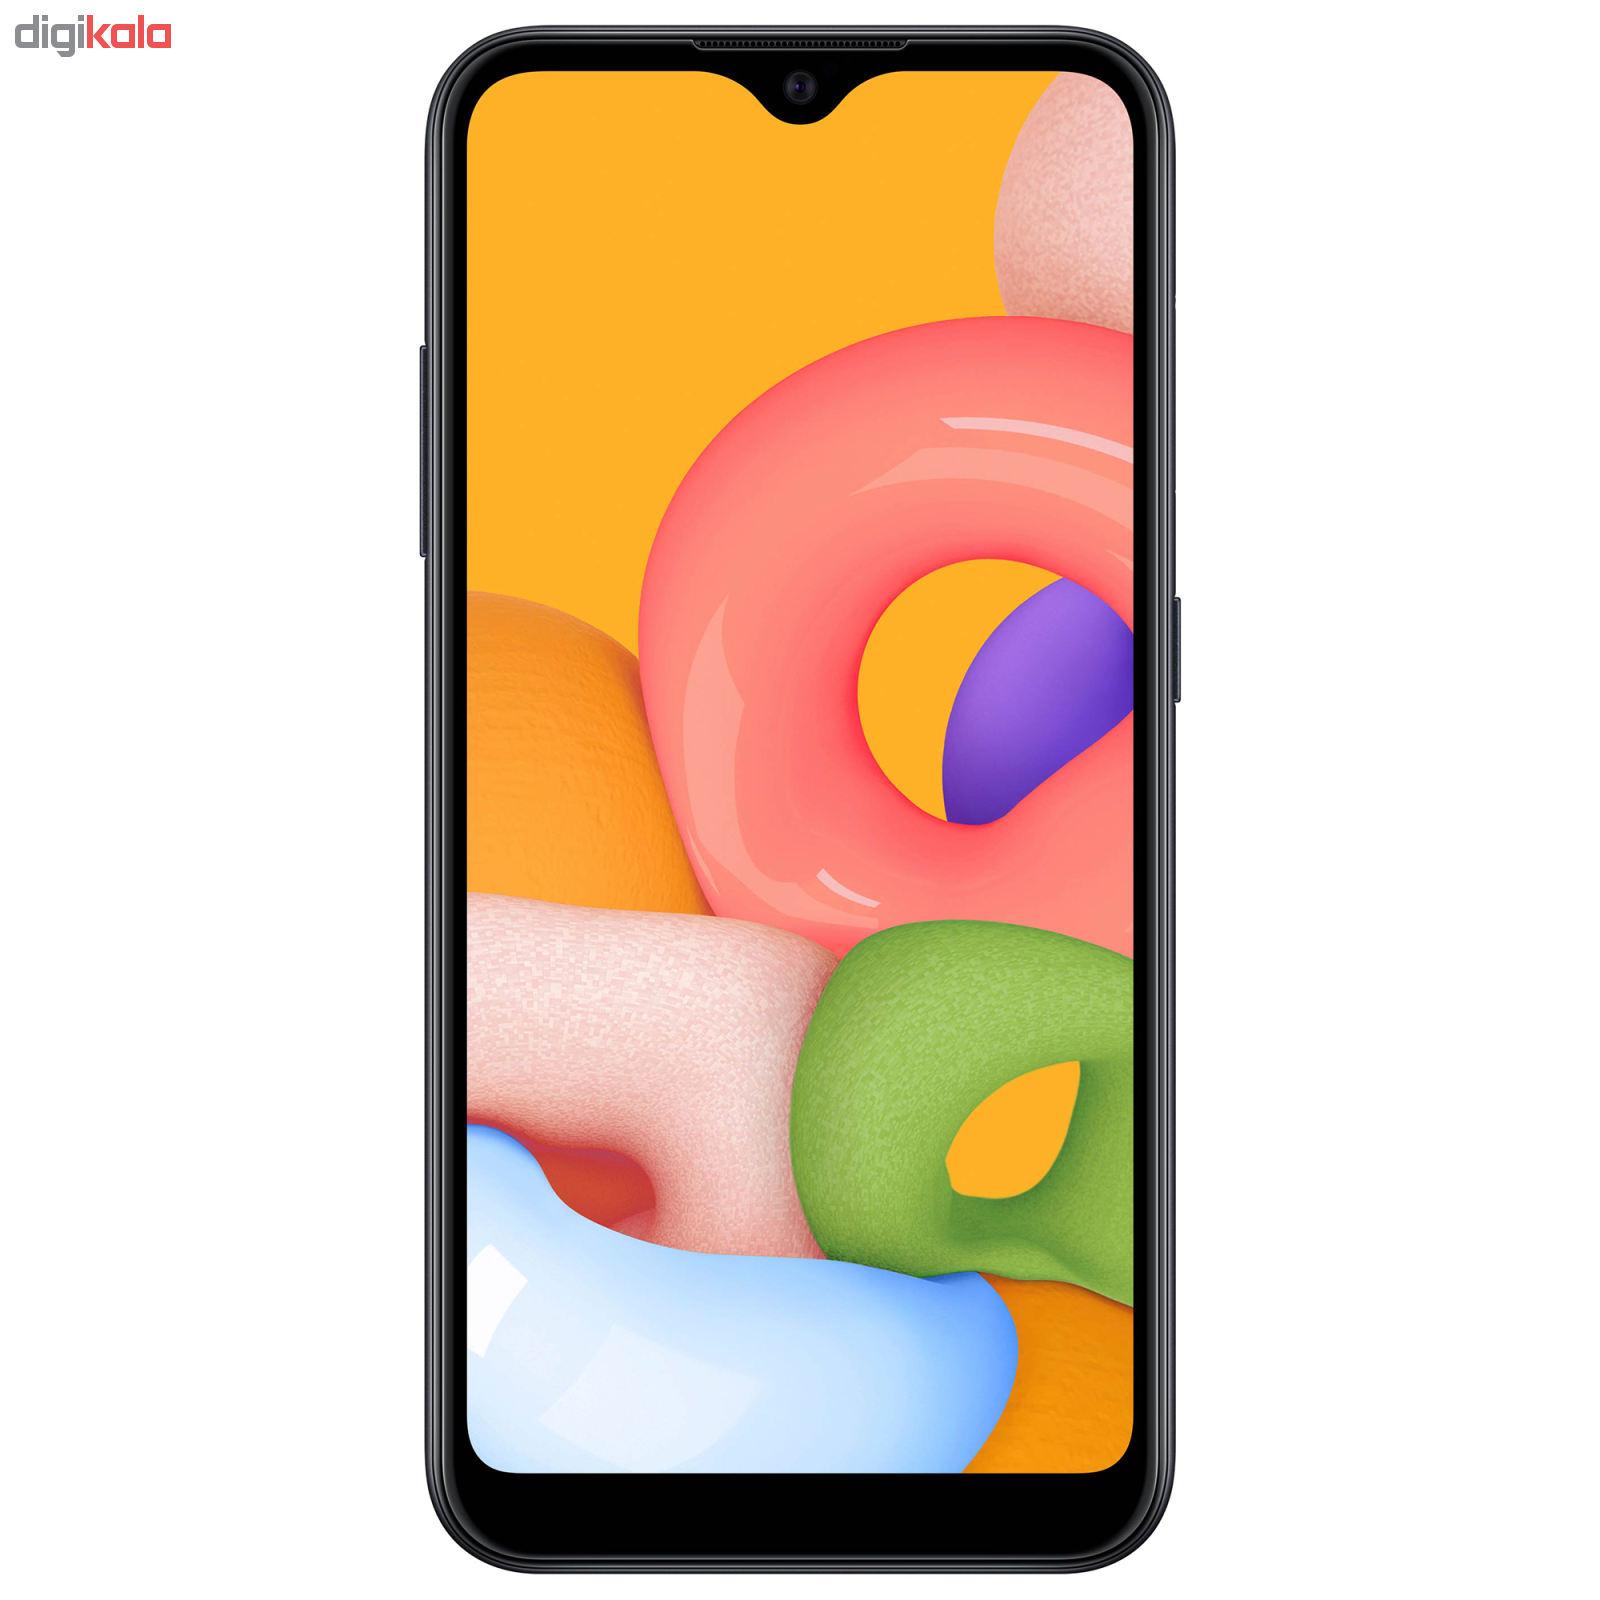 گوشی موبایل سامسونگ مدل Galaxy A01 SM-A015F/DS دو سیم کارت ظرفیت ۱۶ گیگابایت